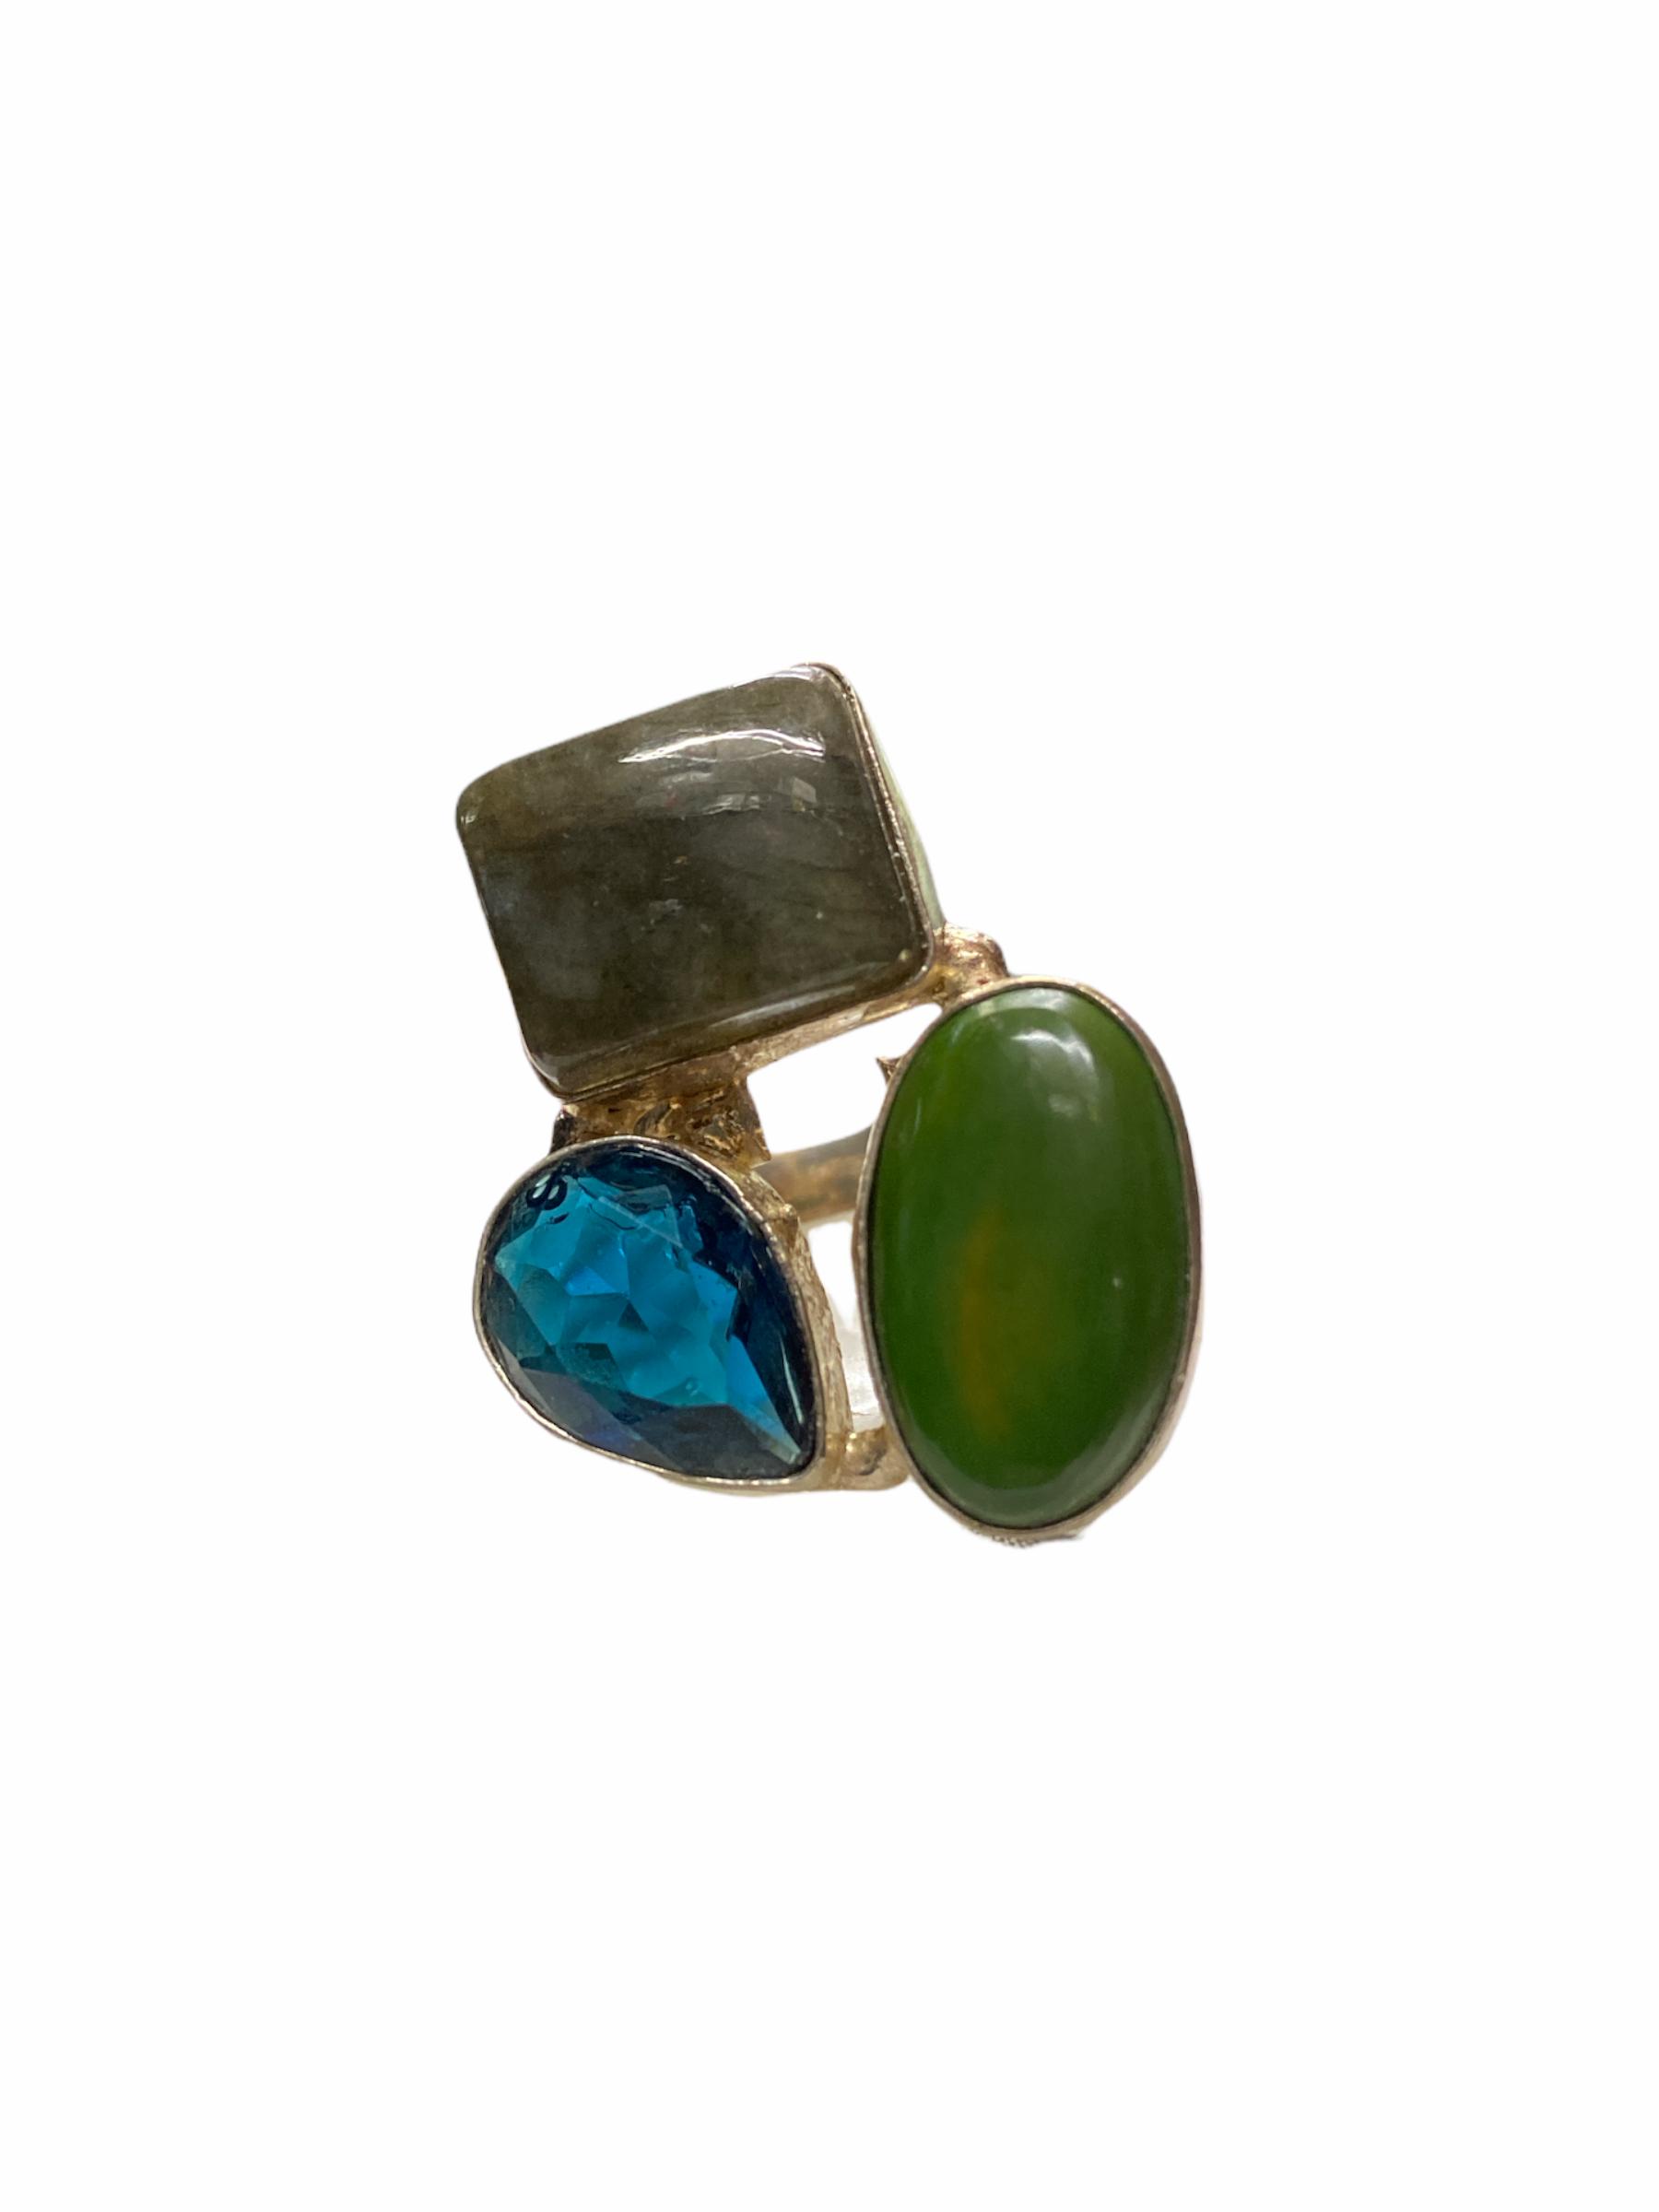 Δαχτυλίδι Χειροποίητο Με Κρύσταλλο-Λαμπαδορίτη-Ίασπι Σε Χρώμα Ασημί